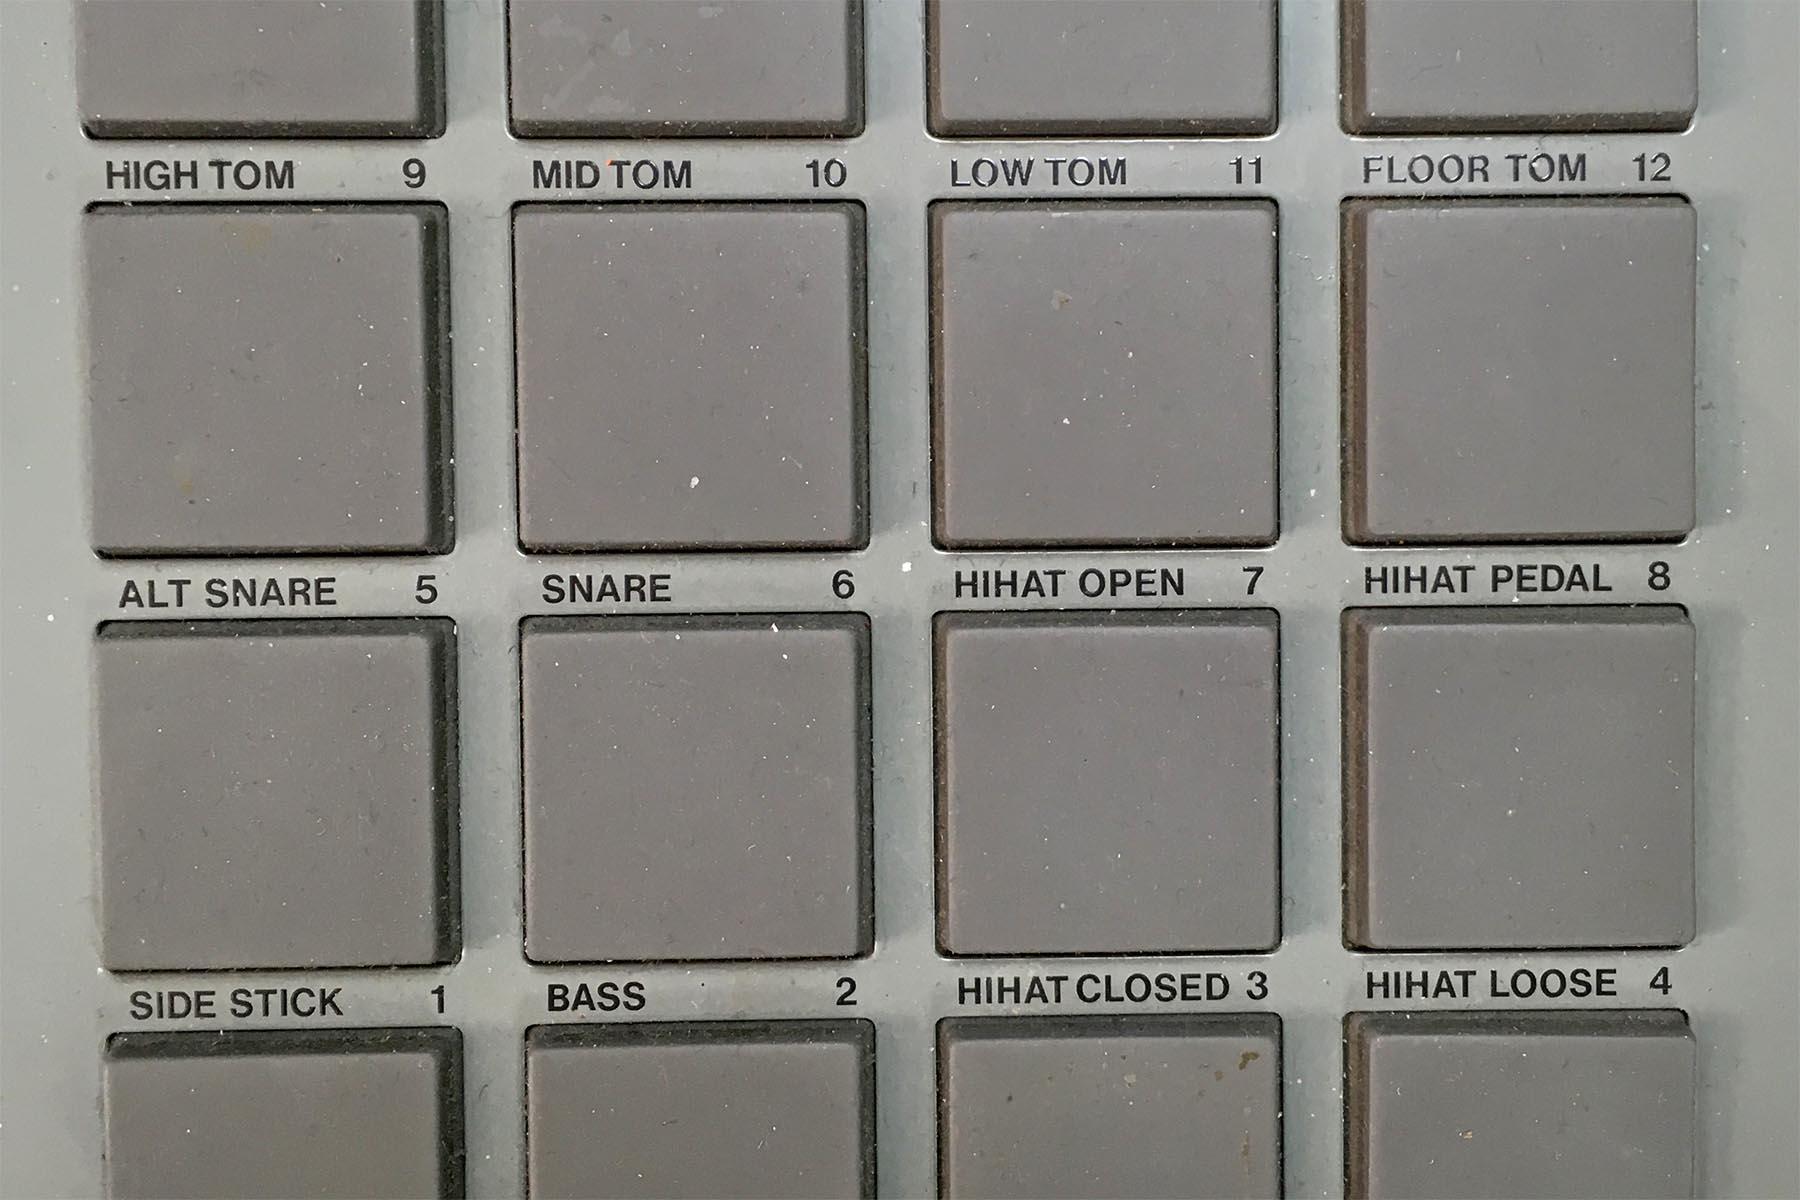 Harmaa MPC-rumpukoneen näppäinruudukko. Joka näppäimen yllä lukee teksti, esimerkiksi mid tom, snare, hihat open, side stick tai bass.